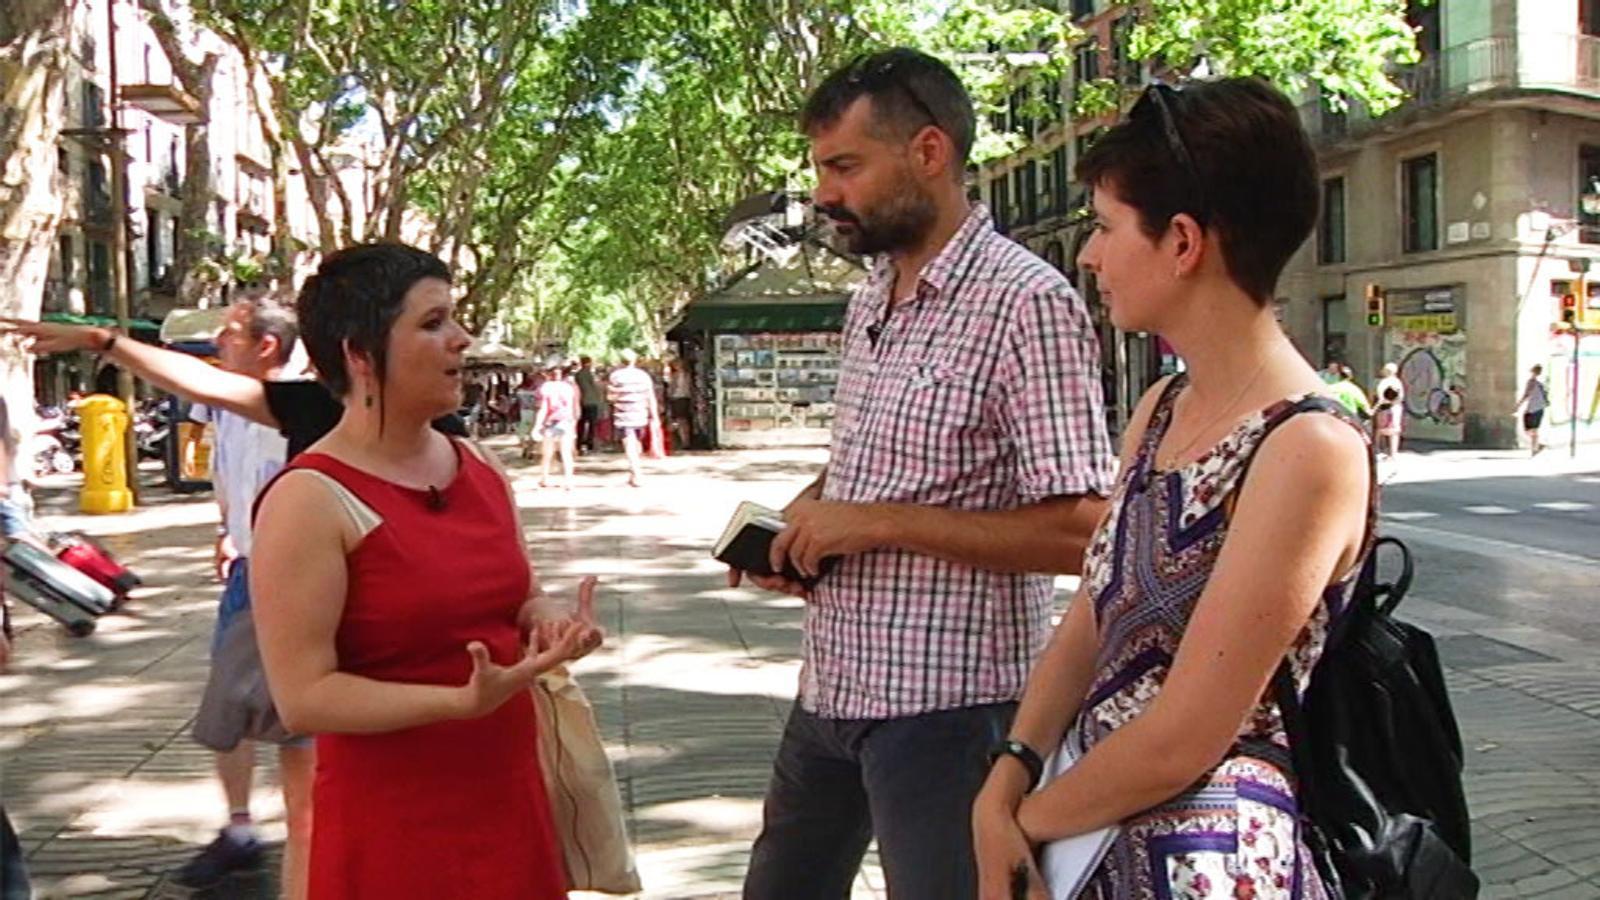 Gala Pin, regidora de Ciutat Vella, respon a les preguntes de l'ARA sobre el terreny